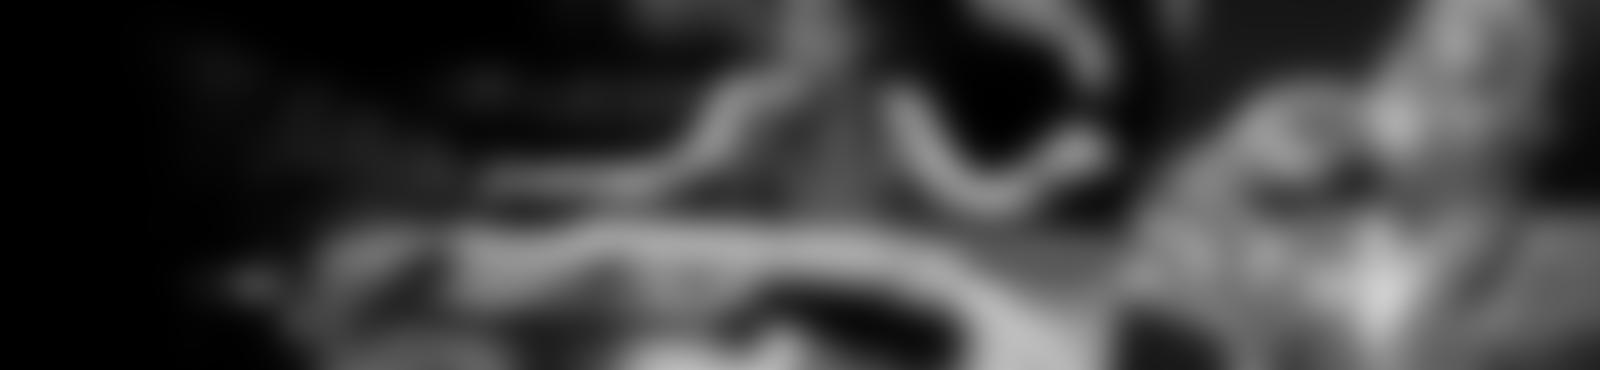 Blurred 68aecb27 7160 42dc 8ab5 33a457cfad81